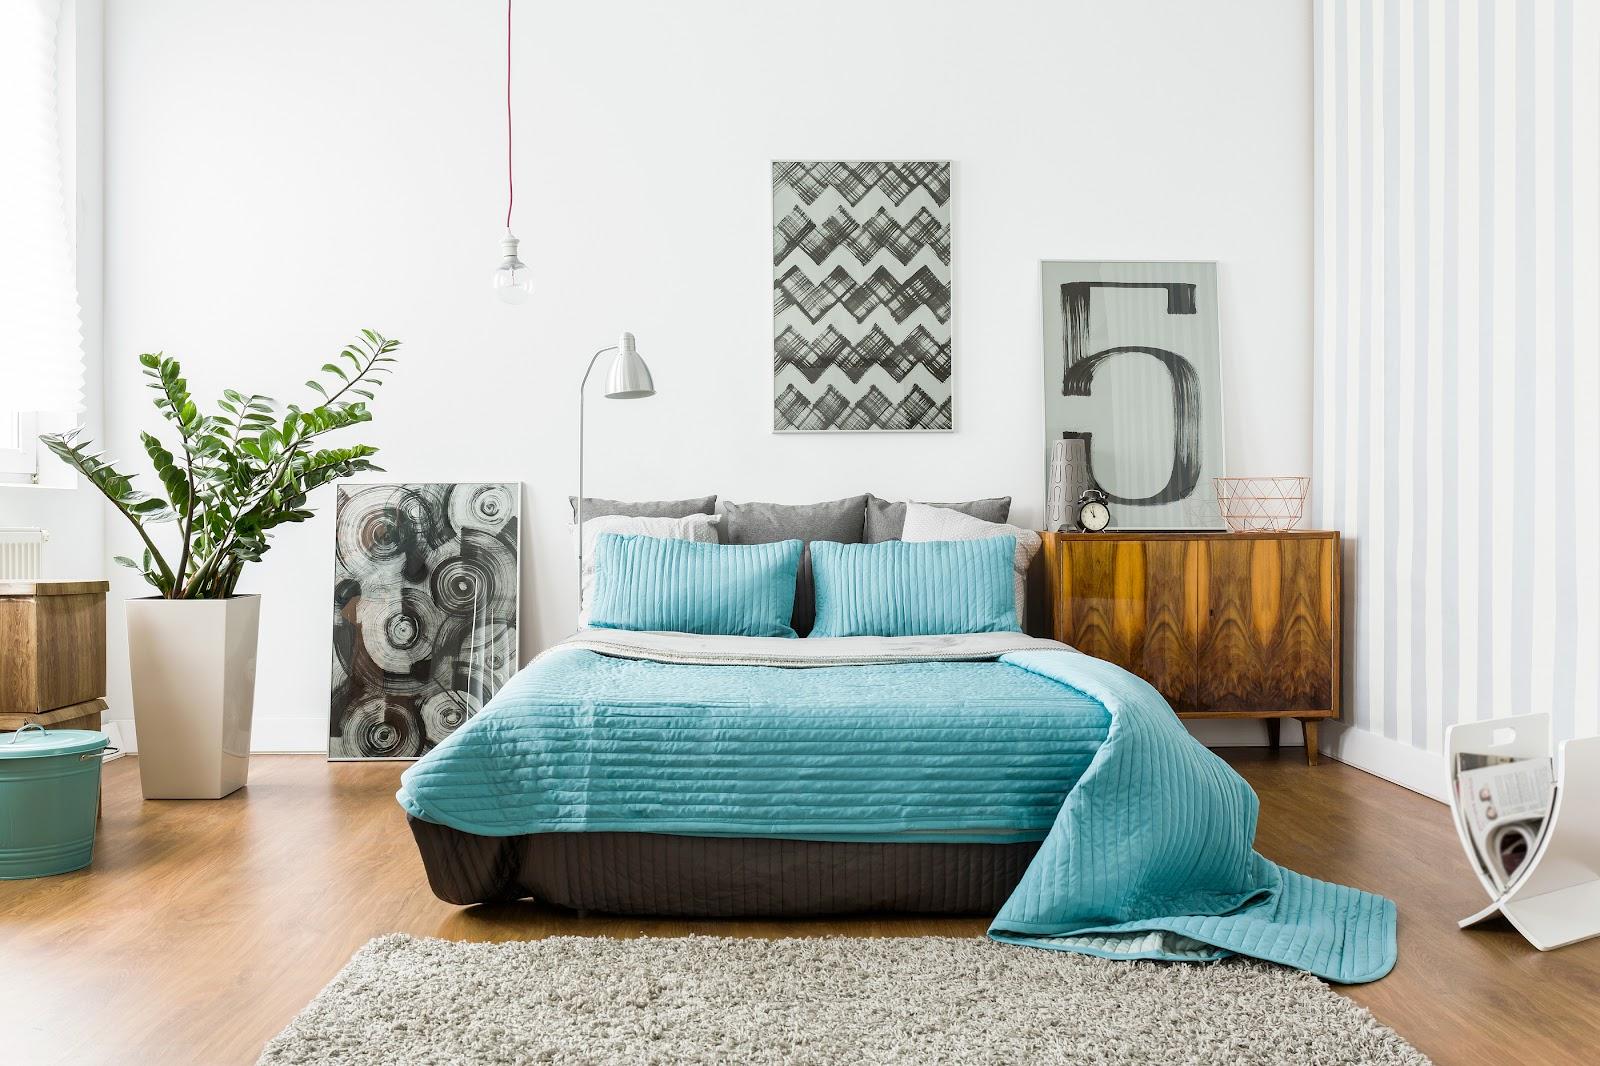 bigstock-Cozy-Bedroom-In-Modern-Design-114217715.jpg